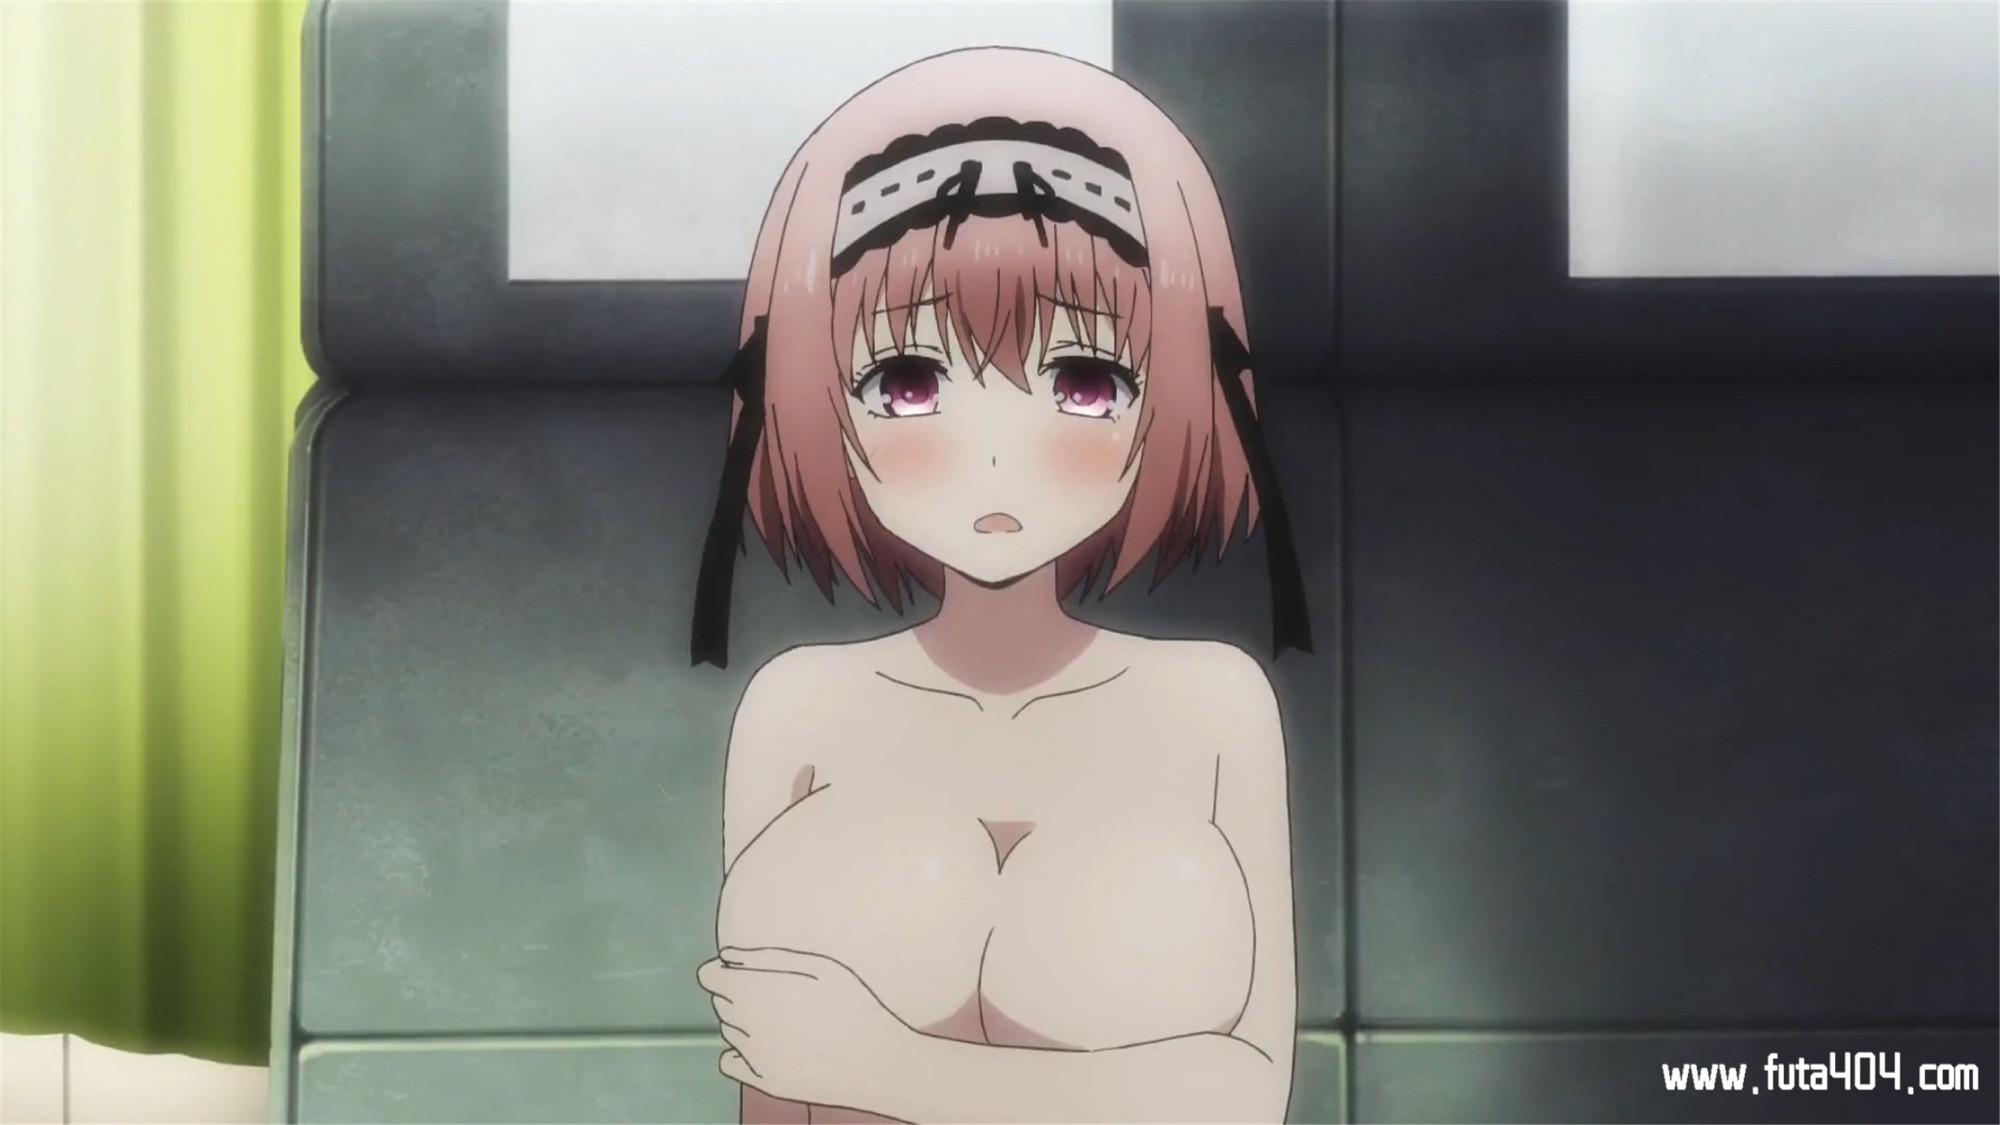 战×恋 第8话 战×恋 动画在线 第1张